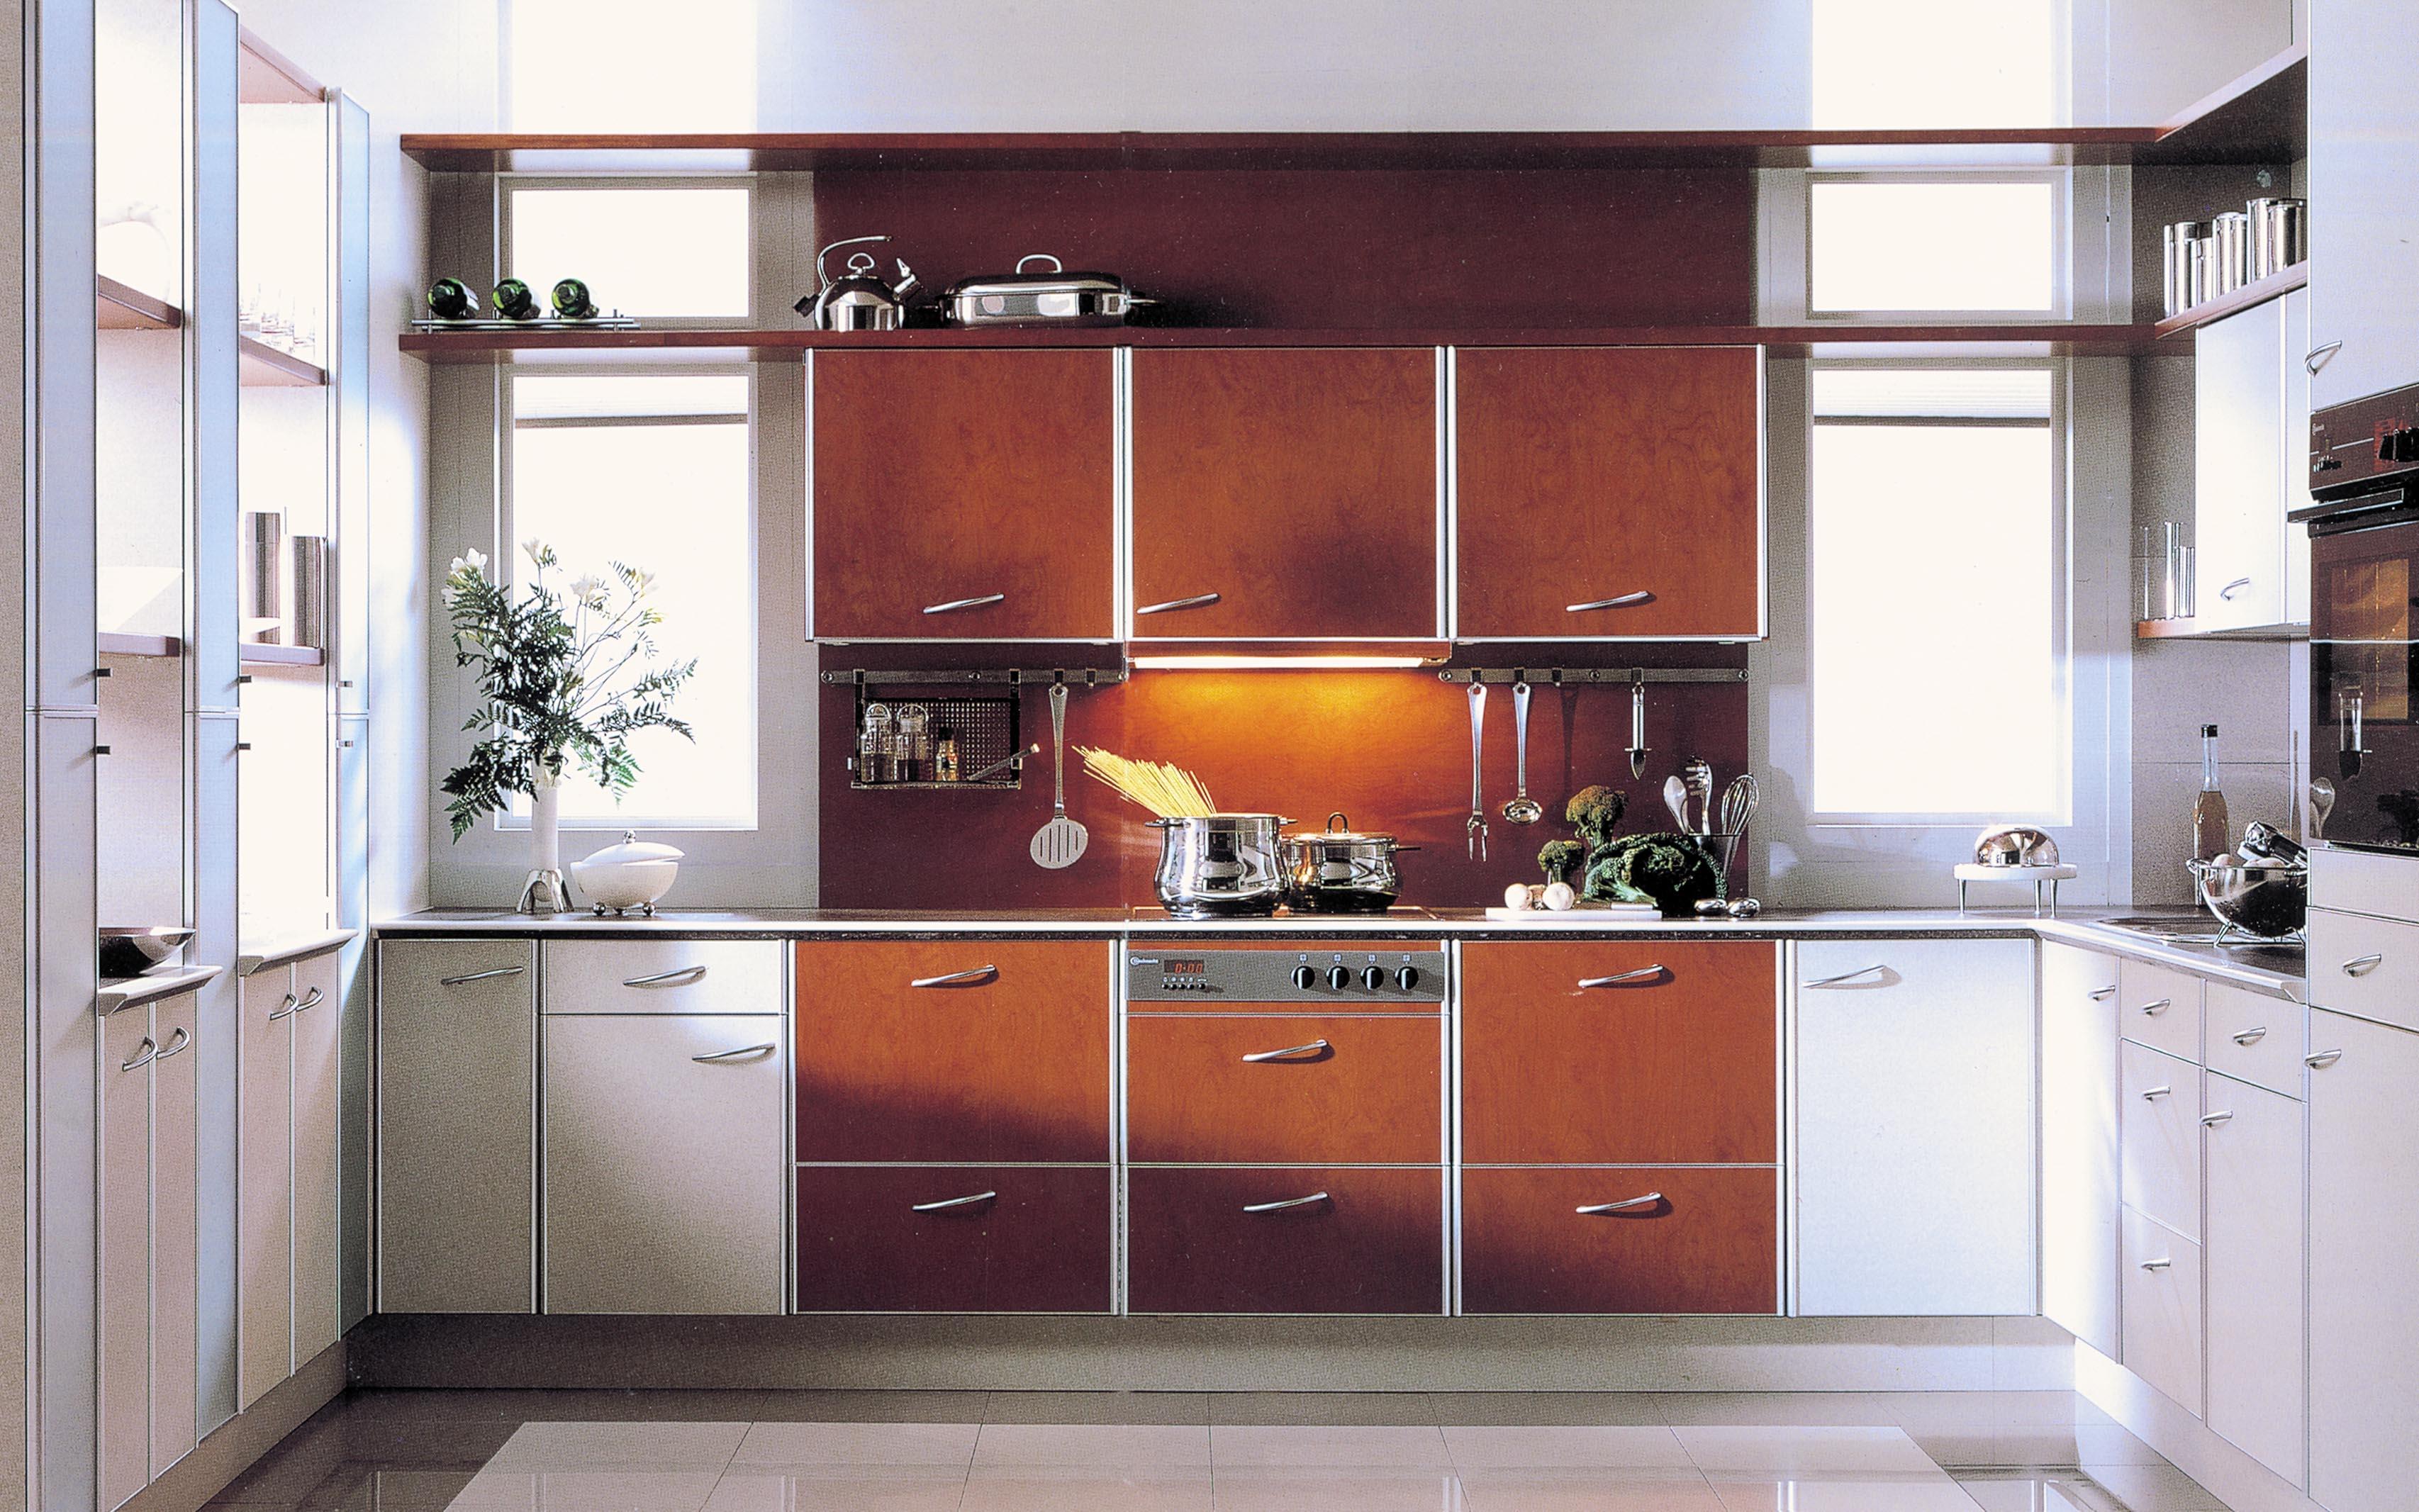 Muebles de cocina vegasa stunning muebles de cocina for Muebles de cocina vegasa